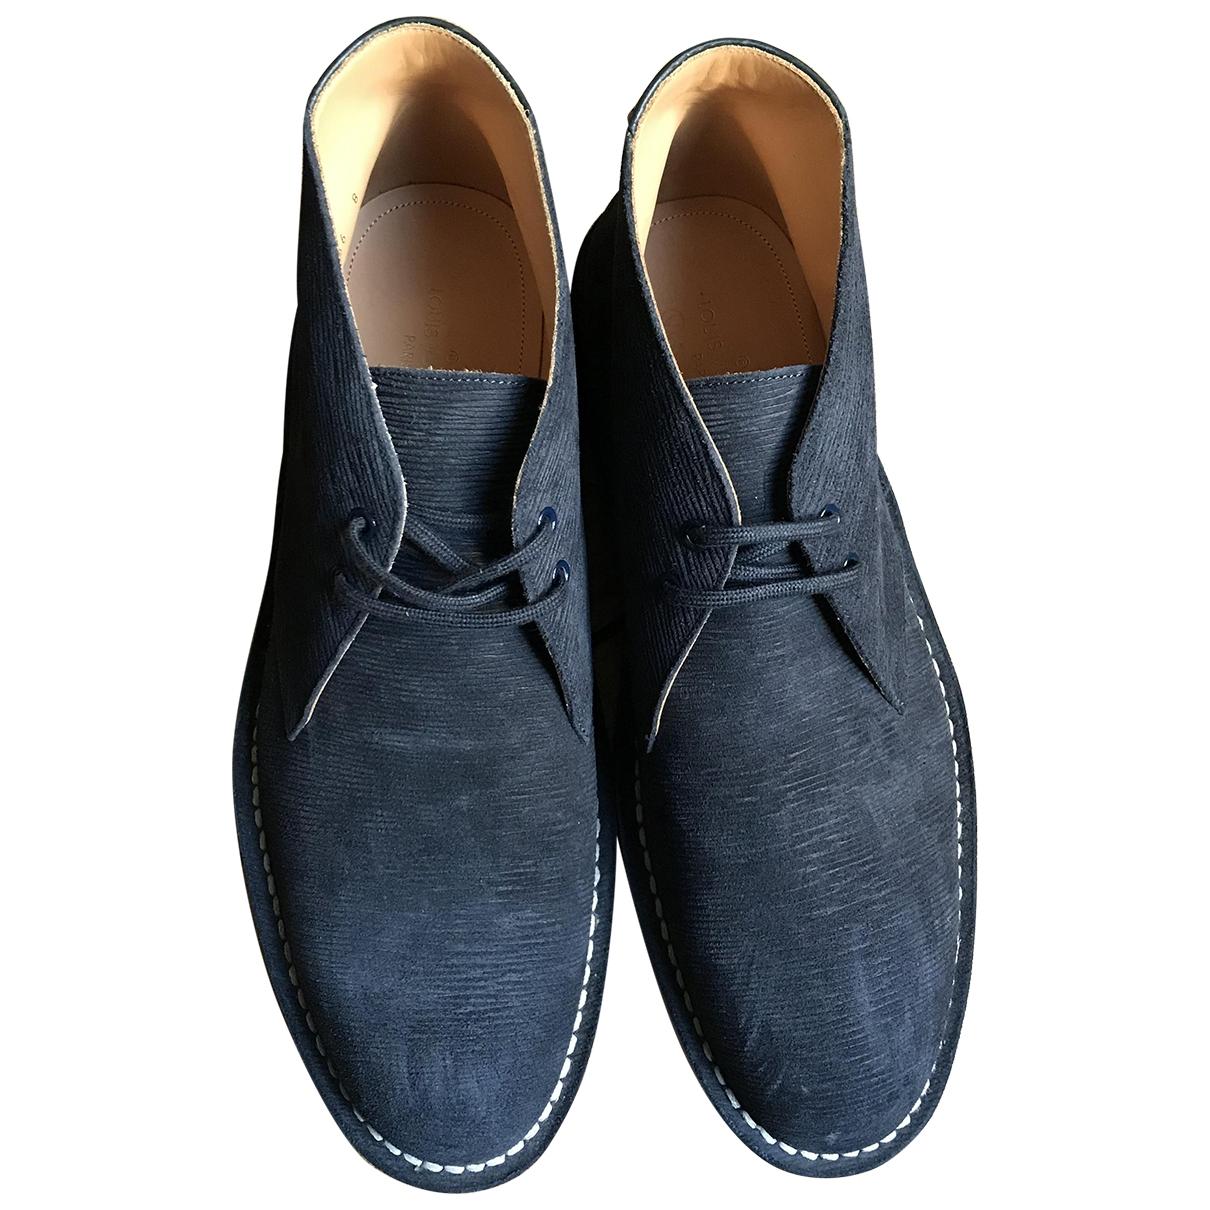 Louis Vuitton - Bottes.Boots   pour homme en suede - marine